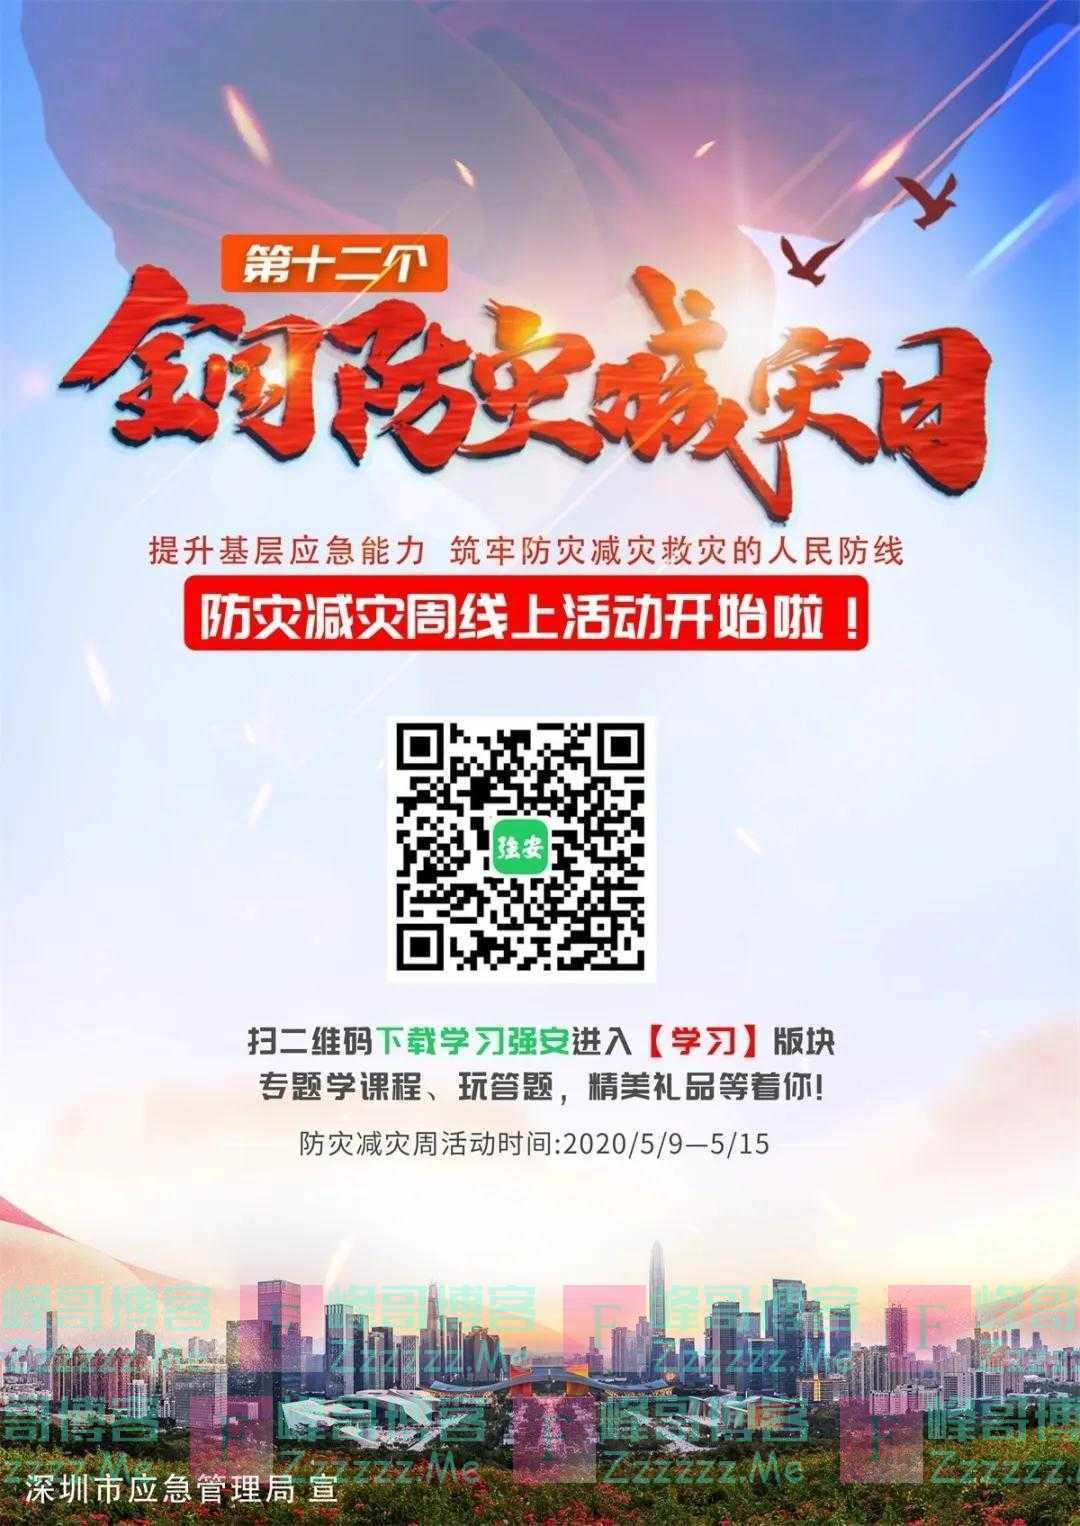 深圳应急管理防灾减灾宣传周线上答题(截止5月15日)